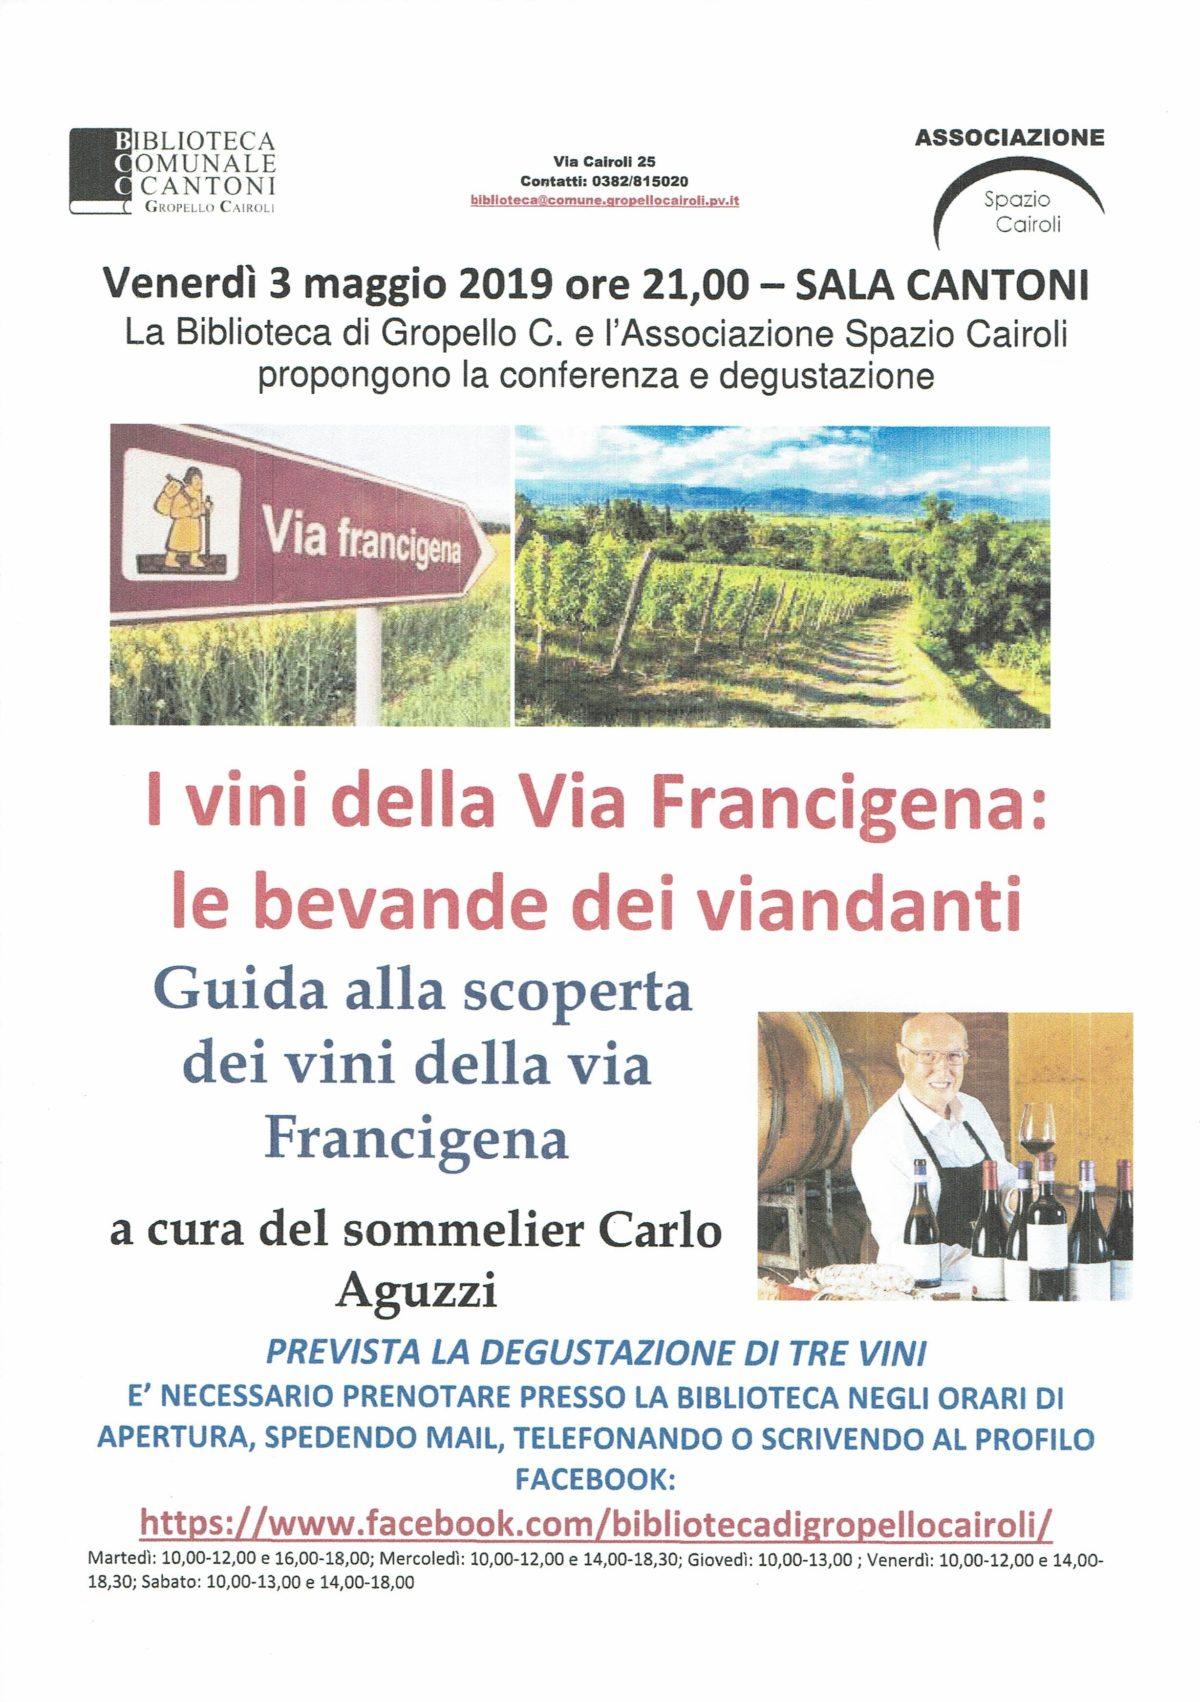 """Venerdì 3 maggio 2019 ore 21,00 – SALA CANTONI – Conferenza e degustazione """"I vini della via Francigena"""" a cura del sommelier Carlo Aguzzi"""